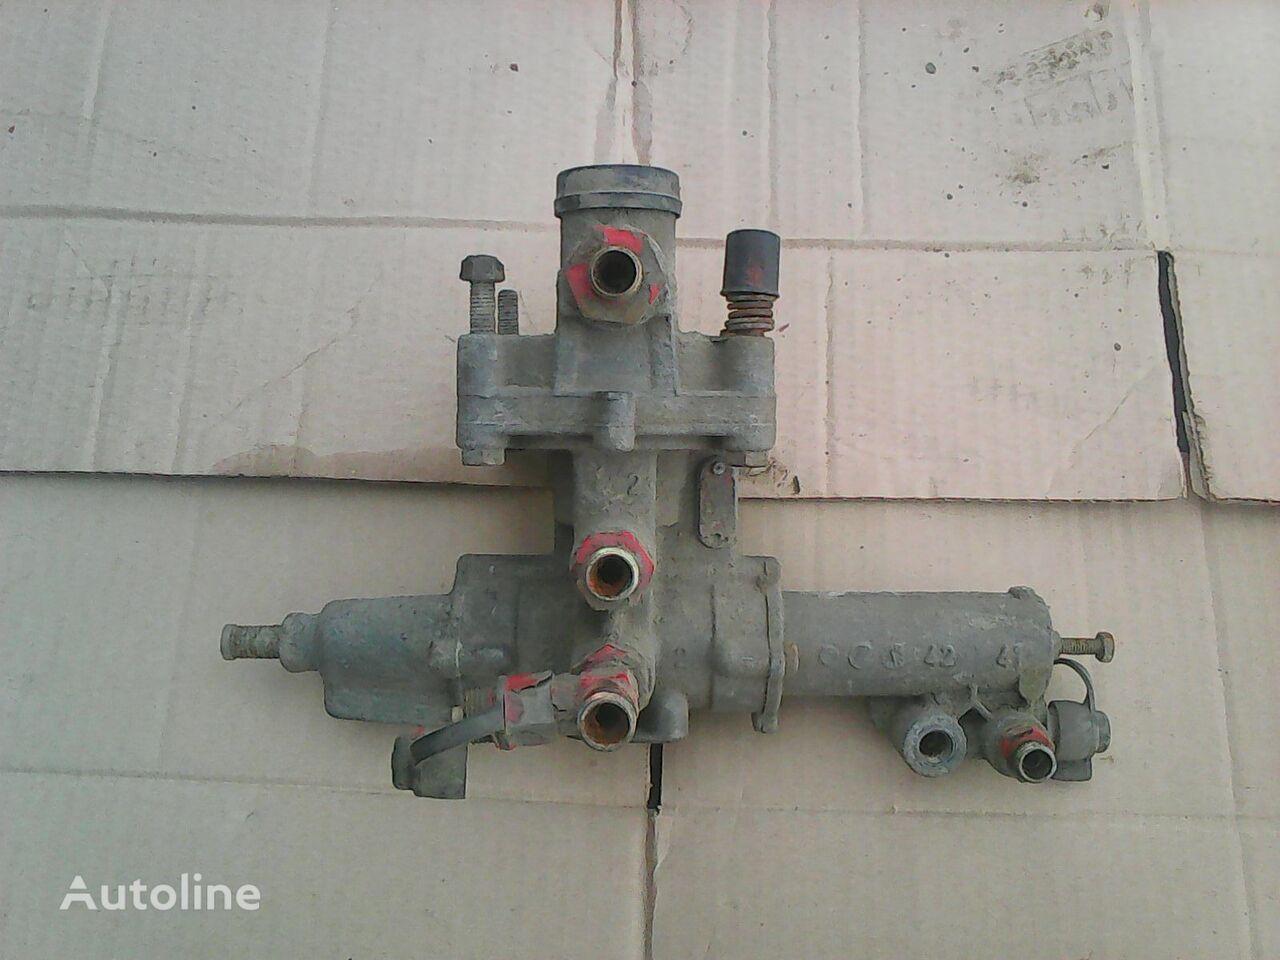 Regulyator tormoznyh sil (pr-vo Wabco) 4757145007 recambios para semirremolque